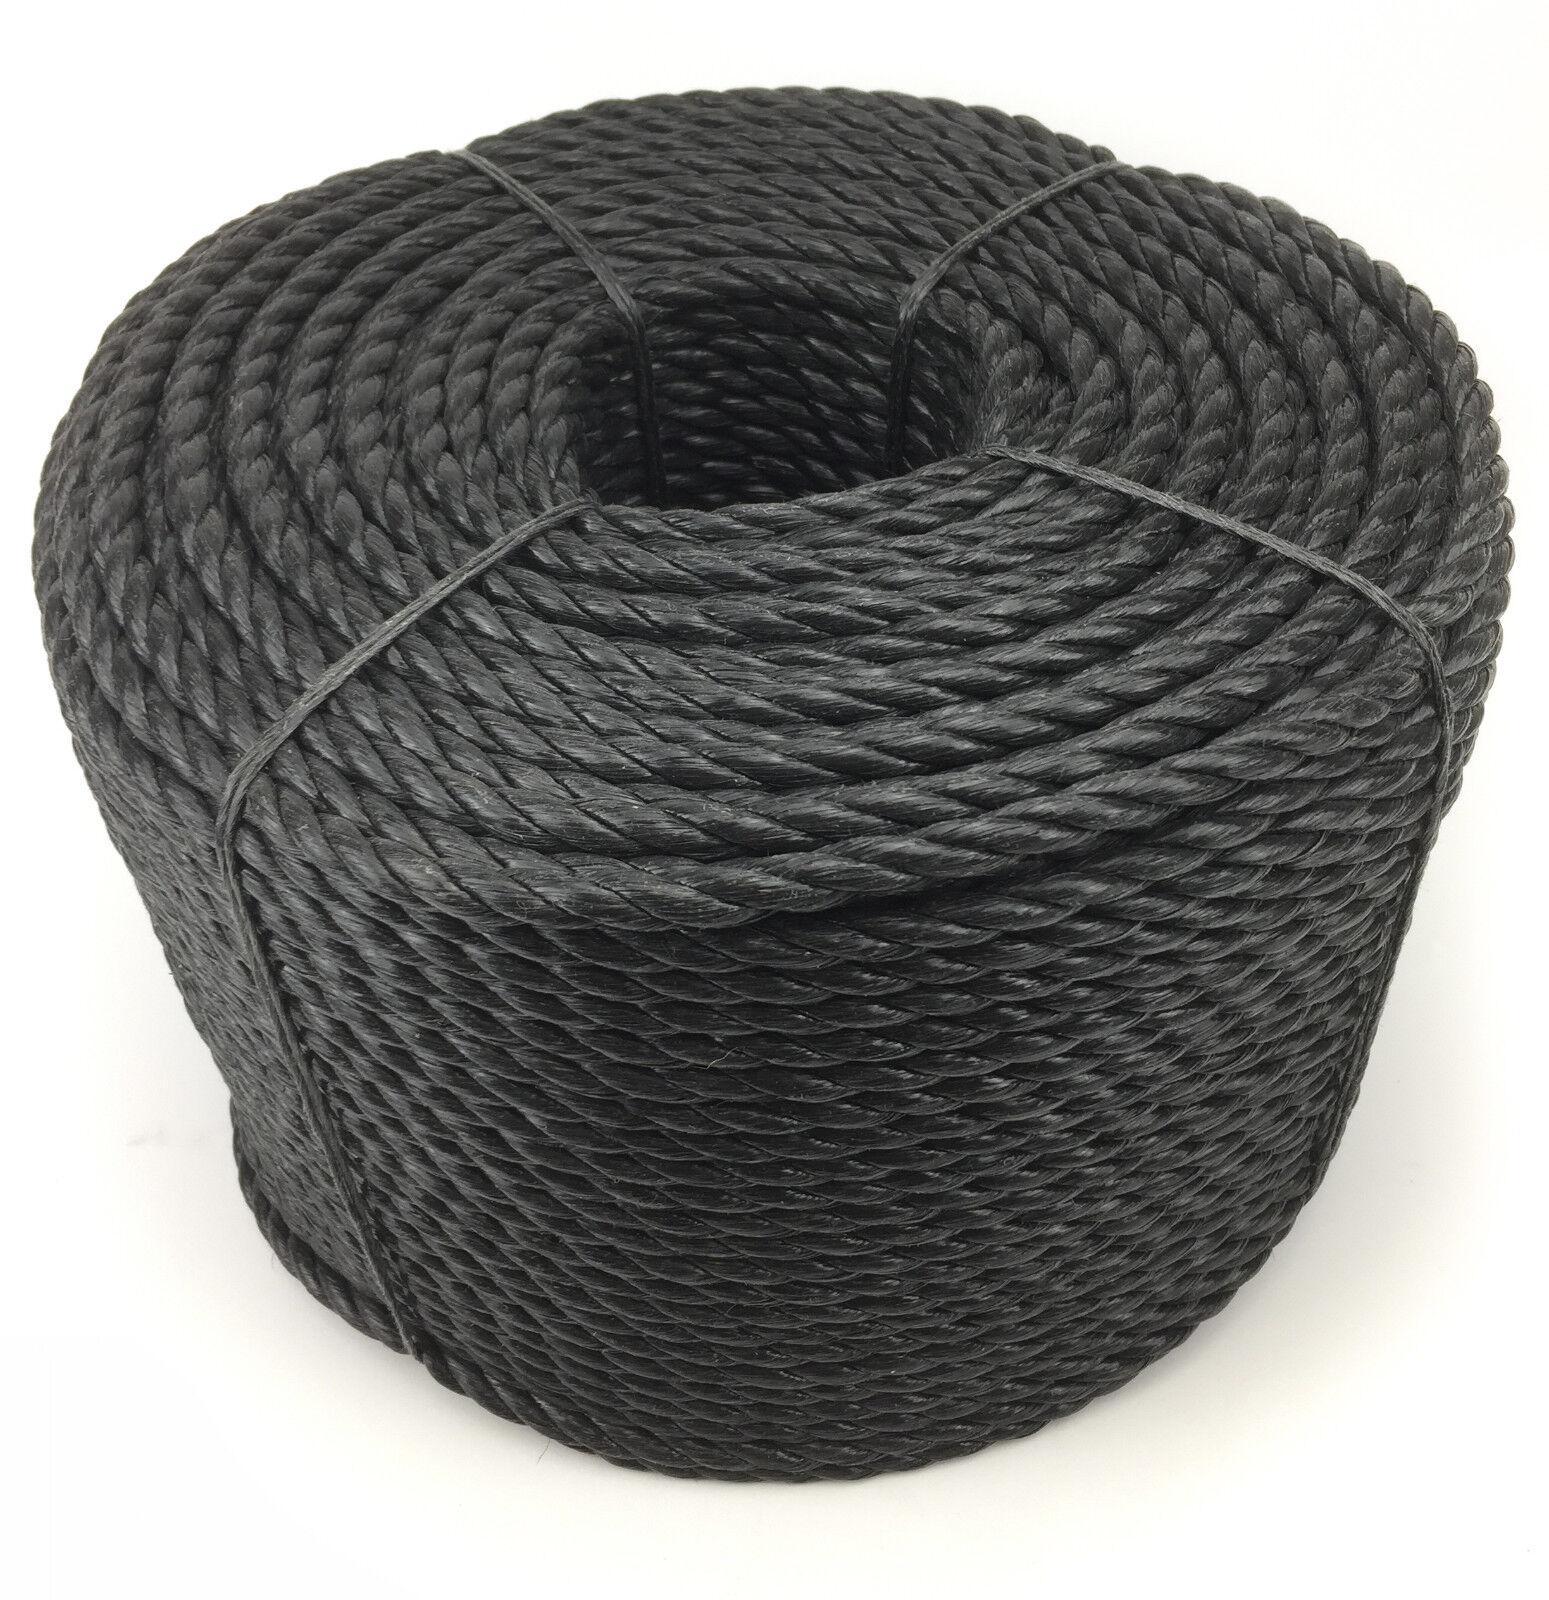 24mm Schwarz Polypropylen Seil X 40 Meter, Poly-Seil Rollen, Preiswert Nylon